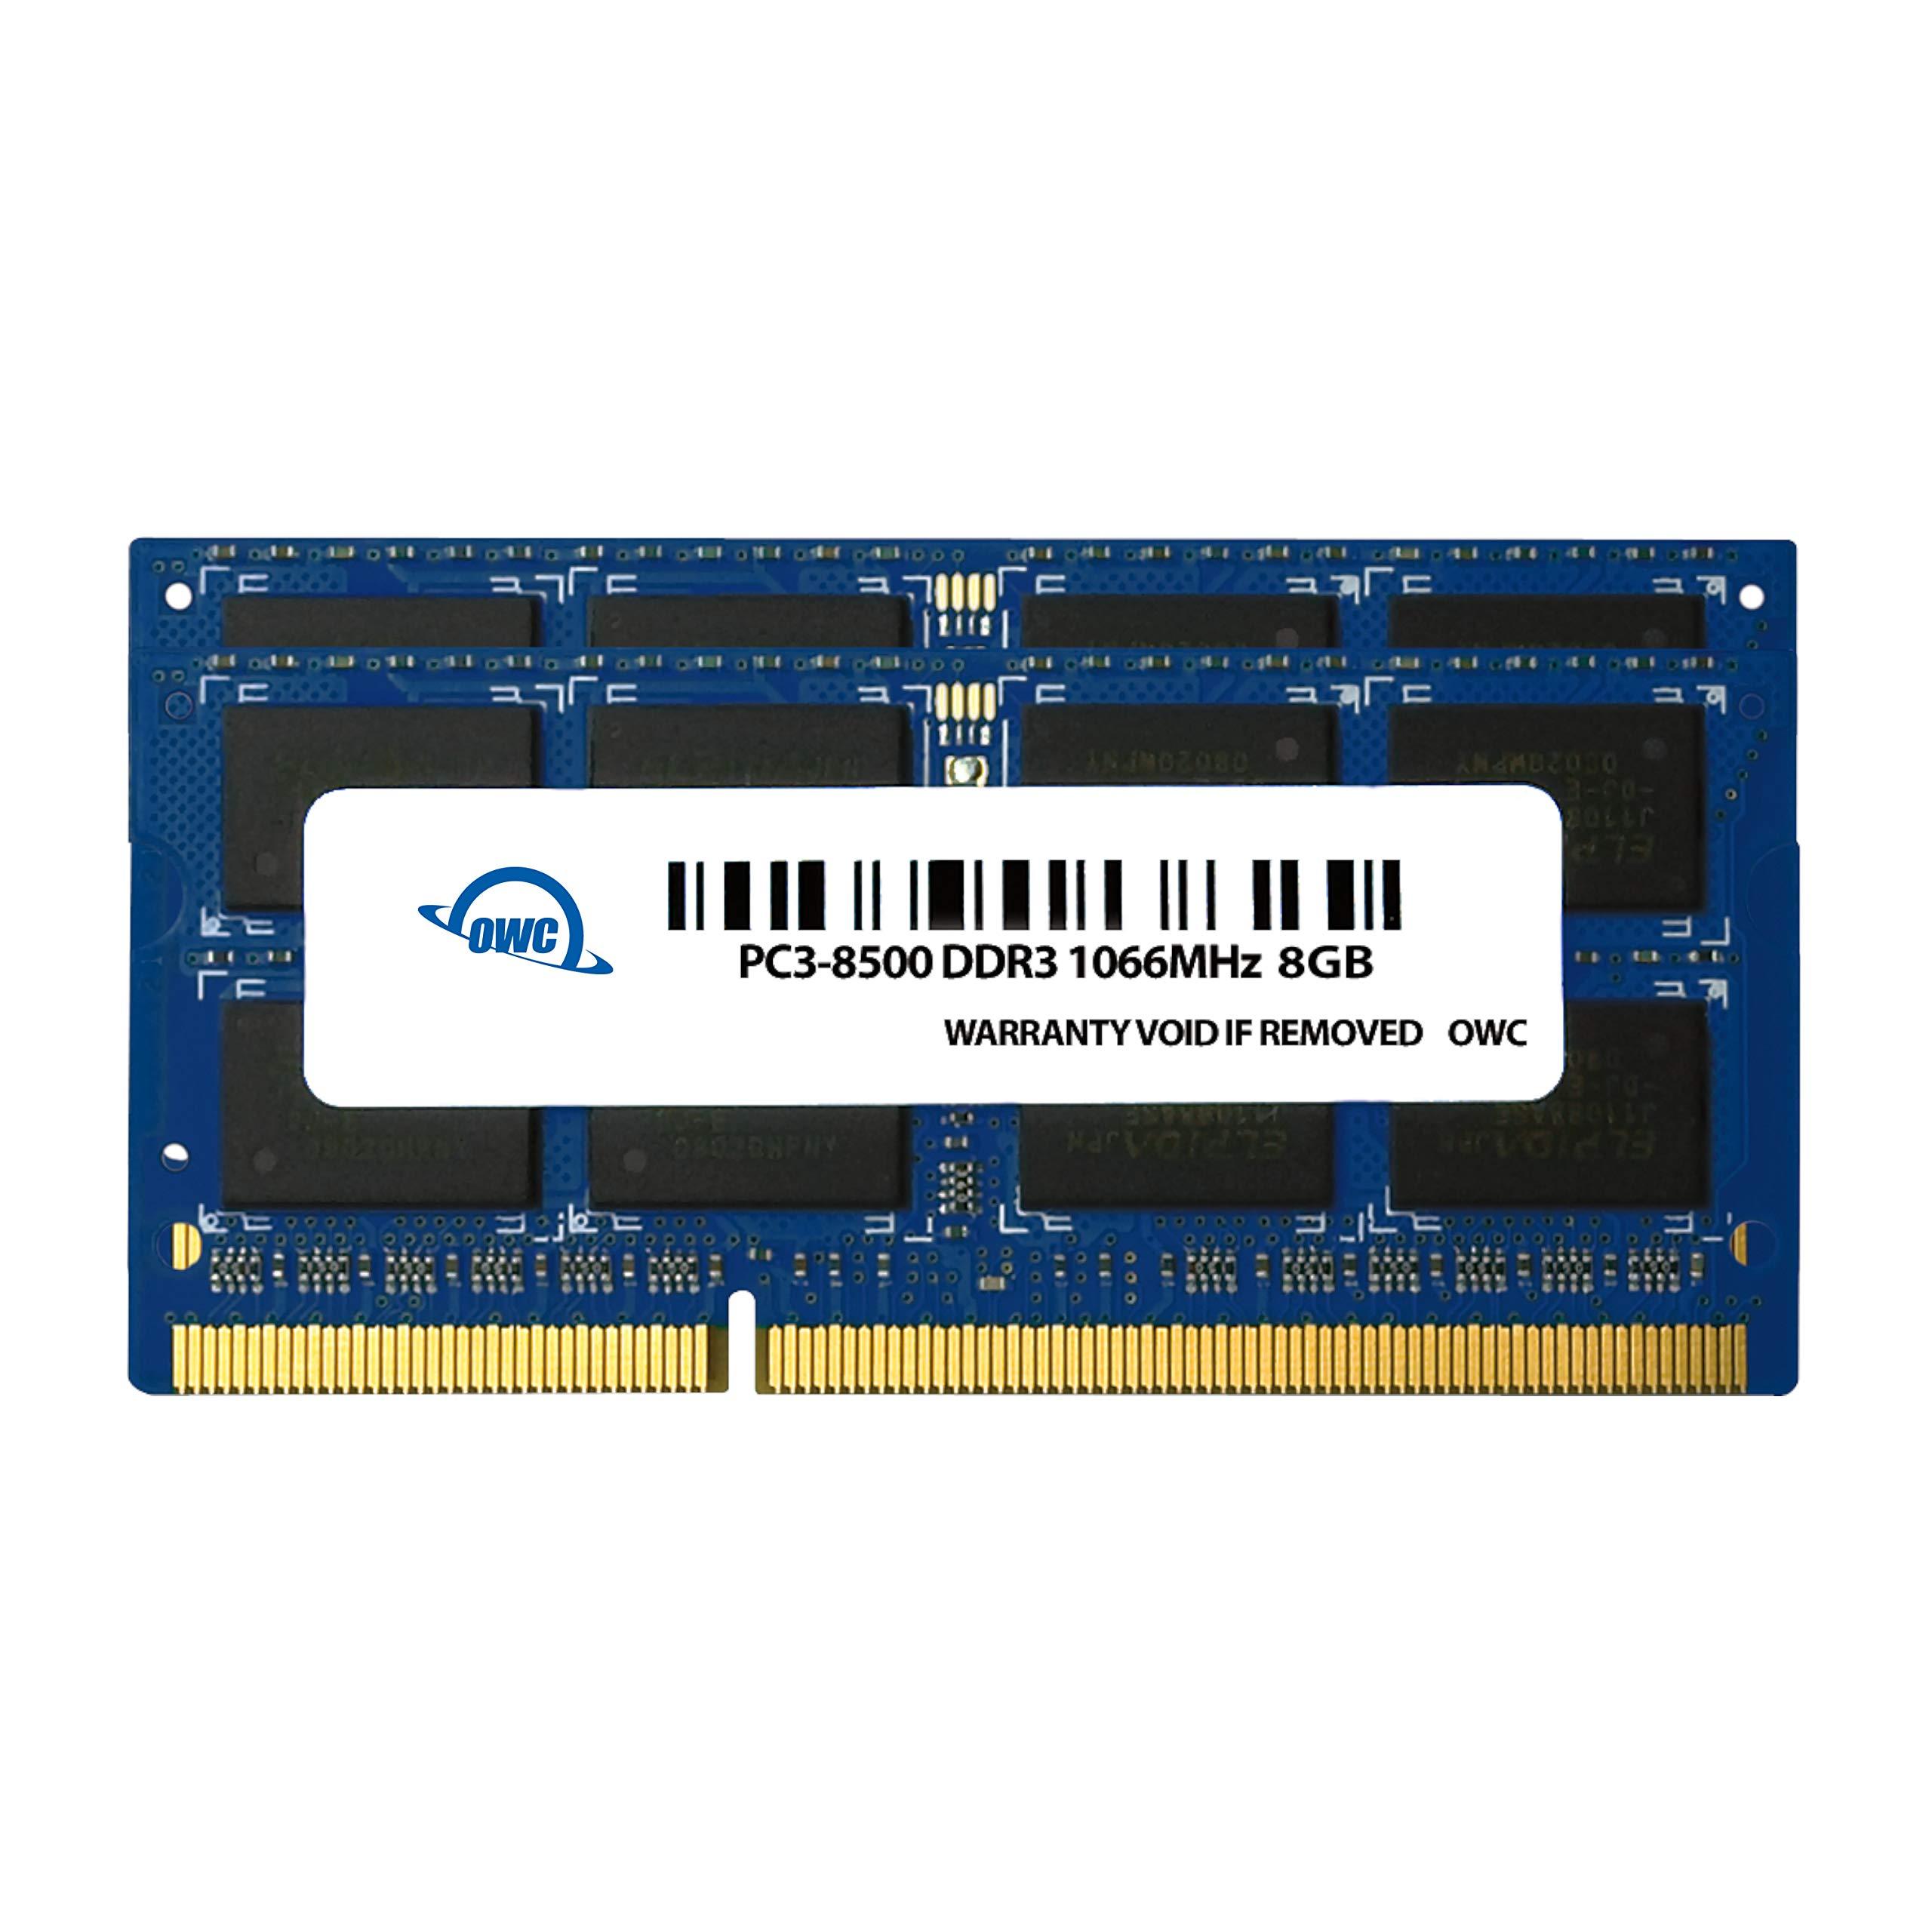 Memoria RAM 8GB OWC (2 X 4GB) PC8500 DDR3 1066 MHz 204-pin Upgrade Kit (OWC8566DDR3S8GP) para MacBook Pro MacBook Mac Mi